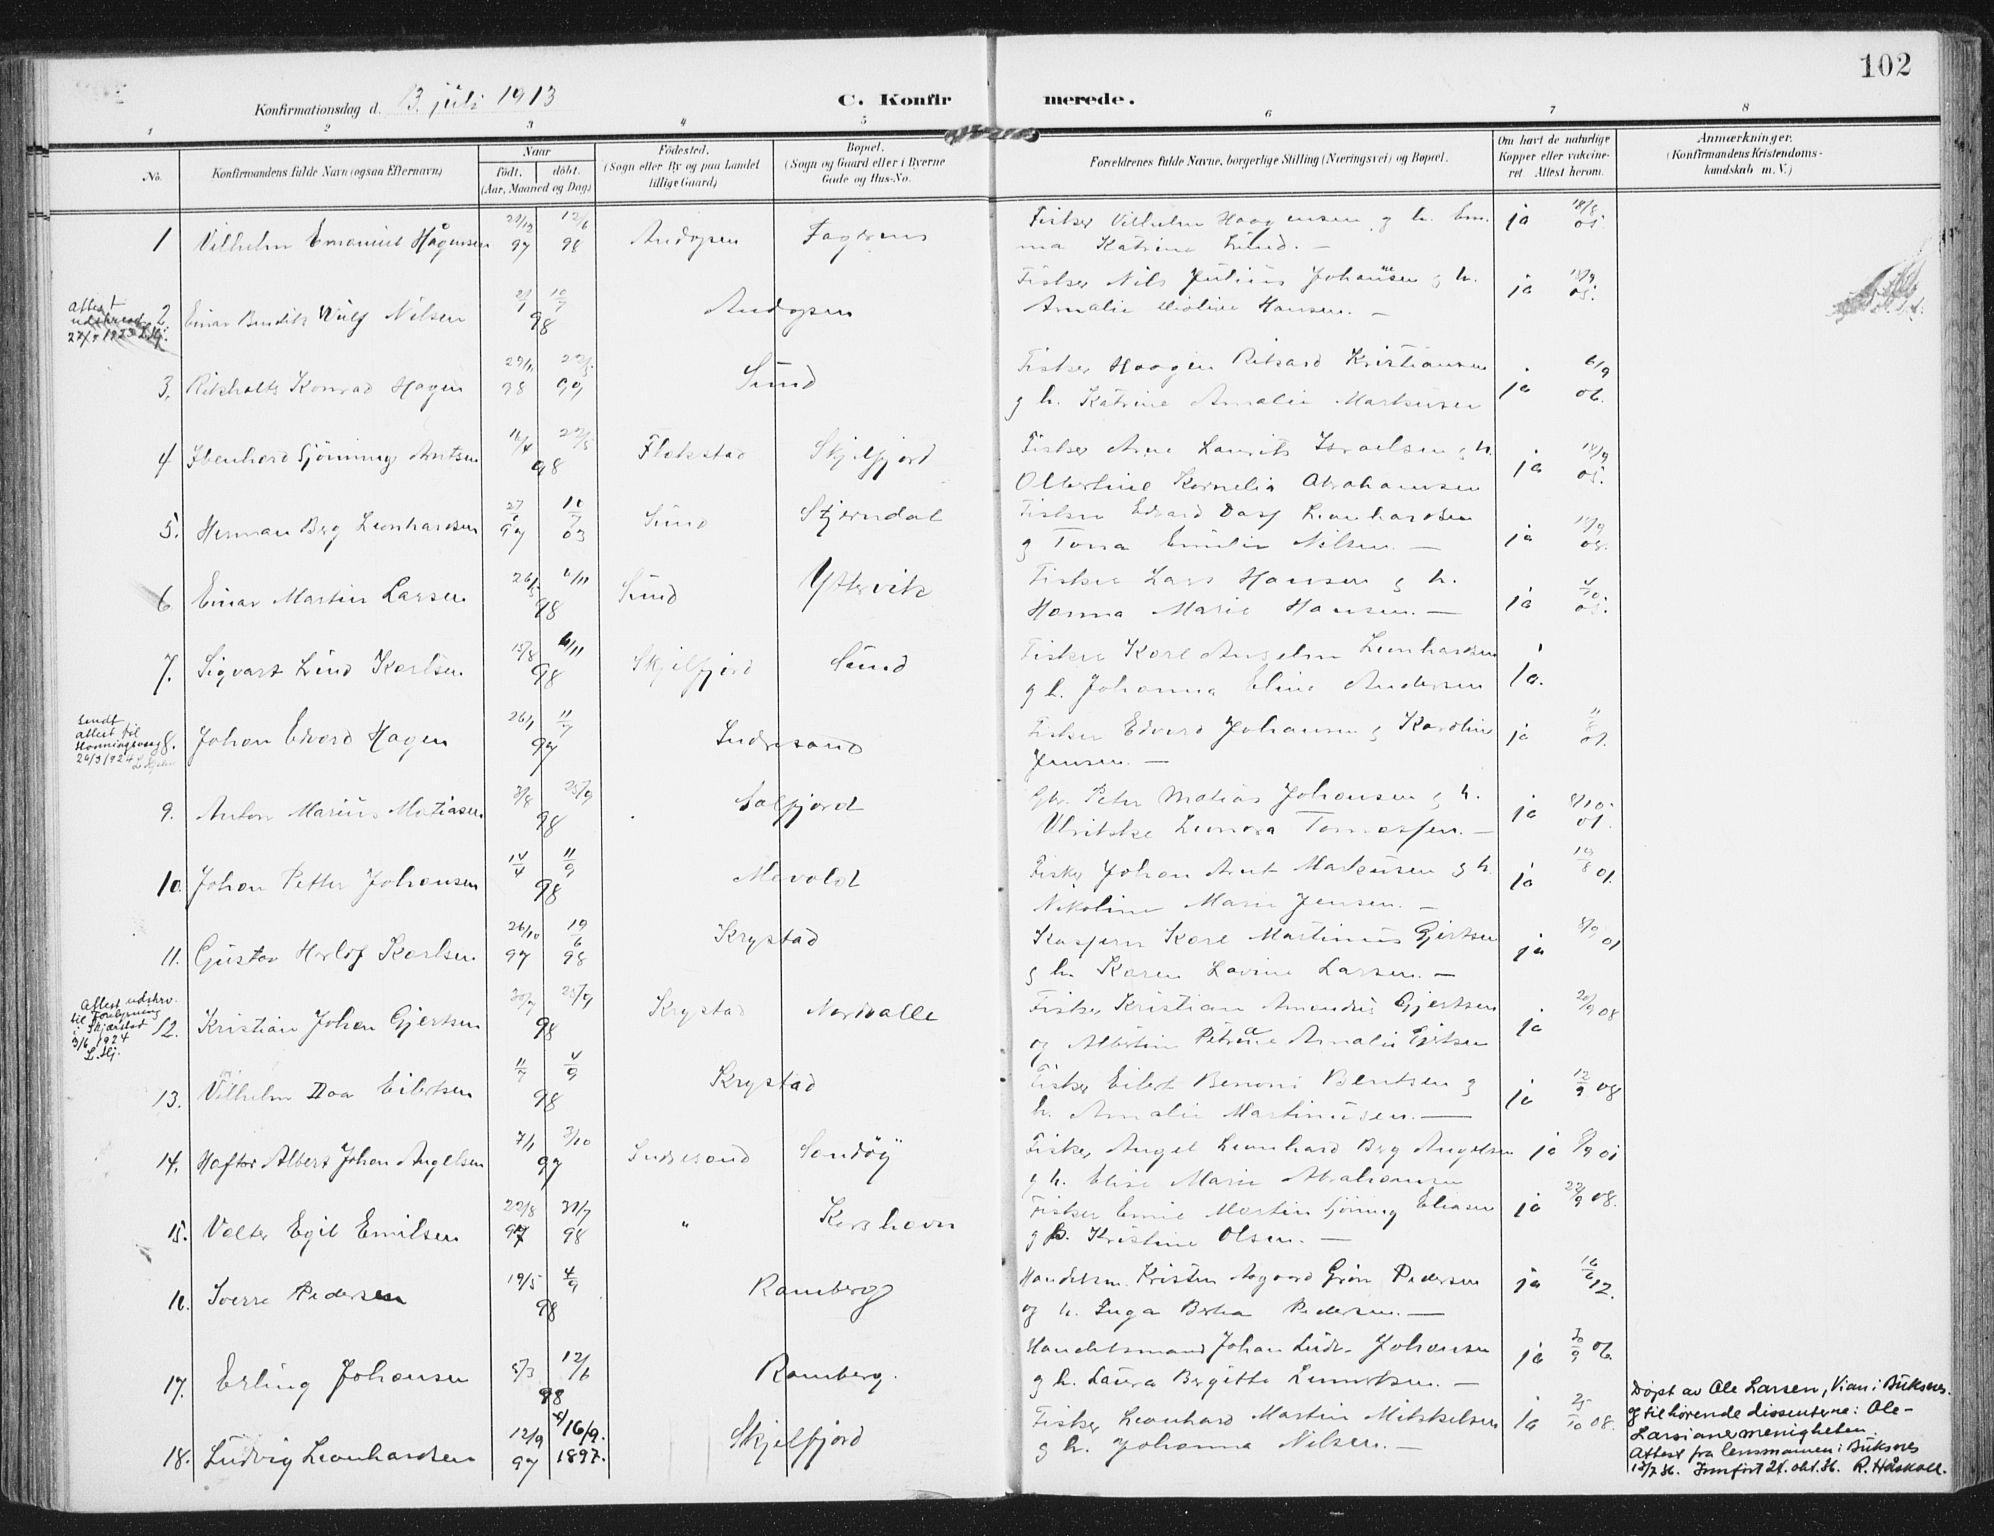 SAT, Ministerialprotokoller, klokkerbøker og fødselsregistre - Nordland, 885/L1206: Parish register (official) no. 885A07, 1905-1915, p. 102